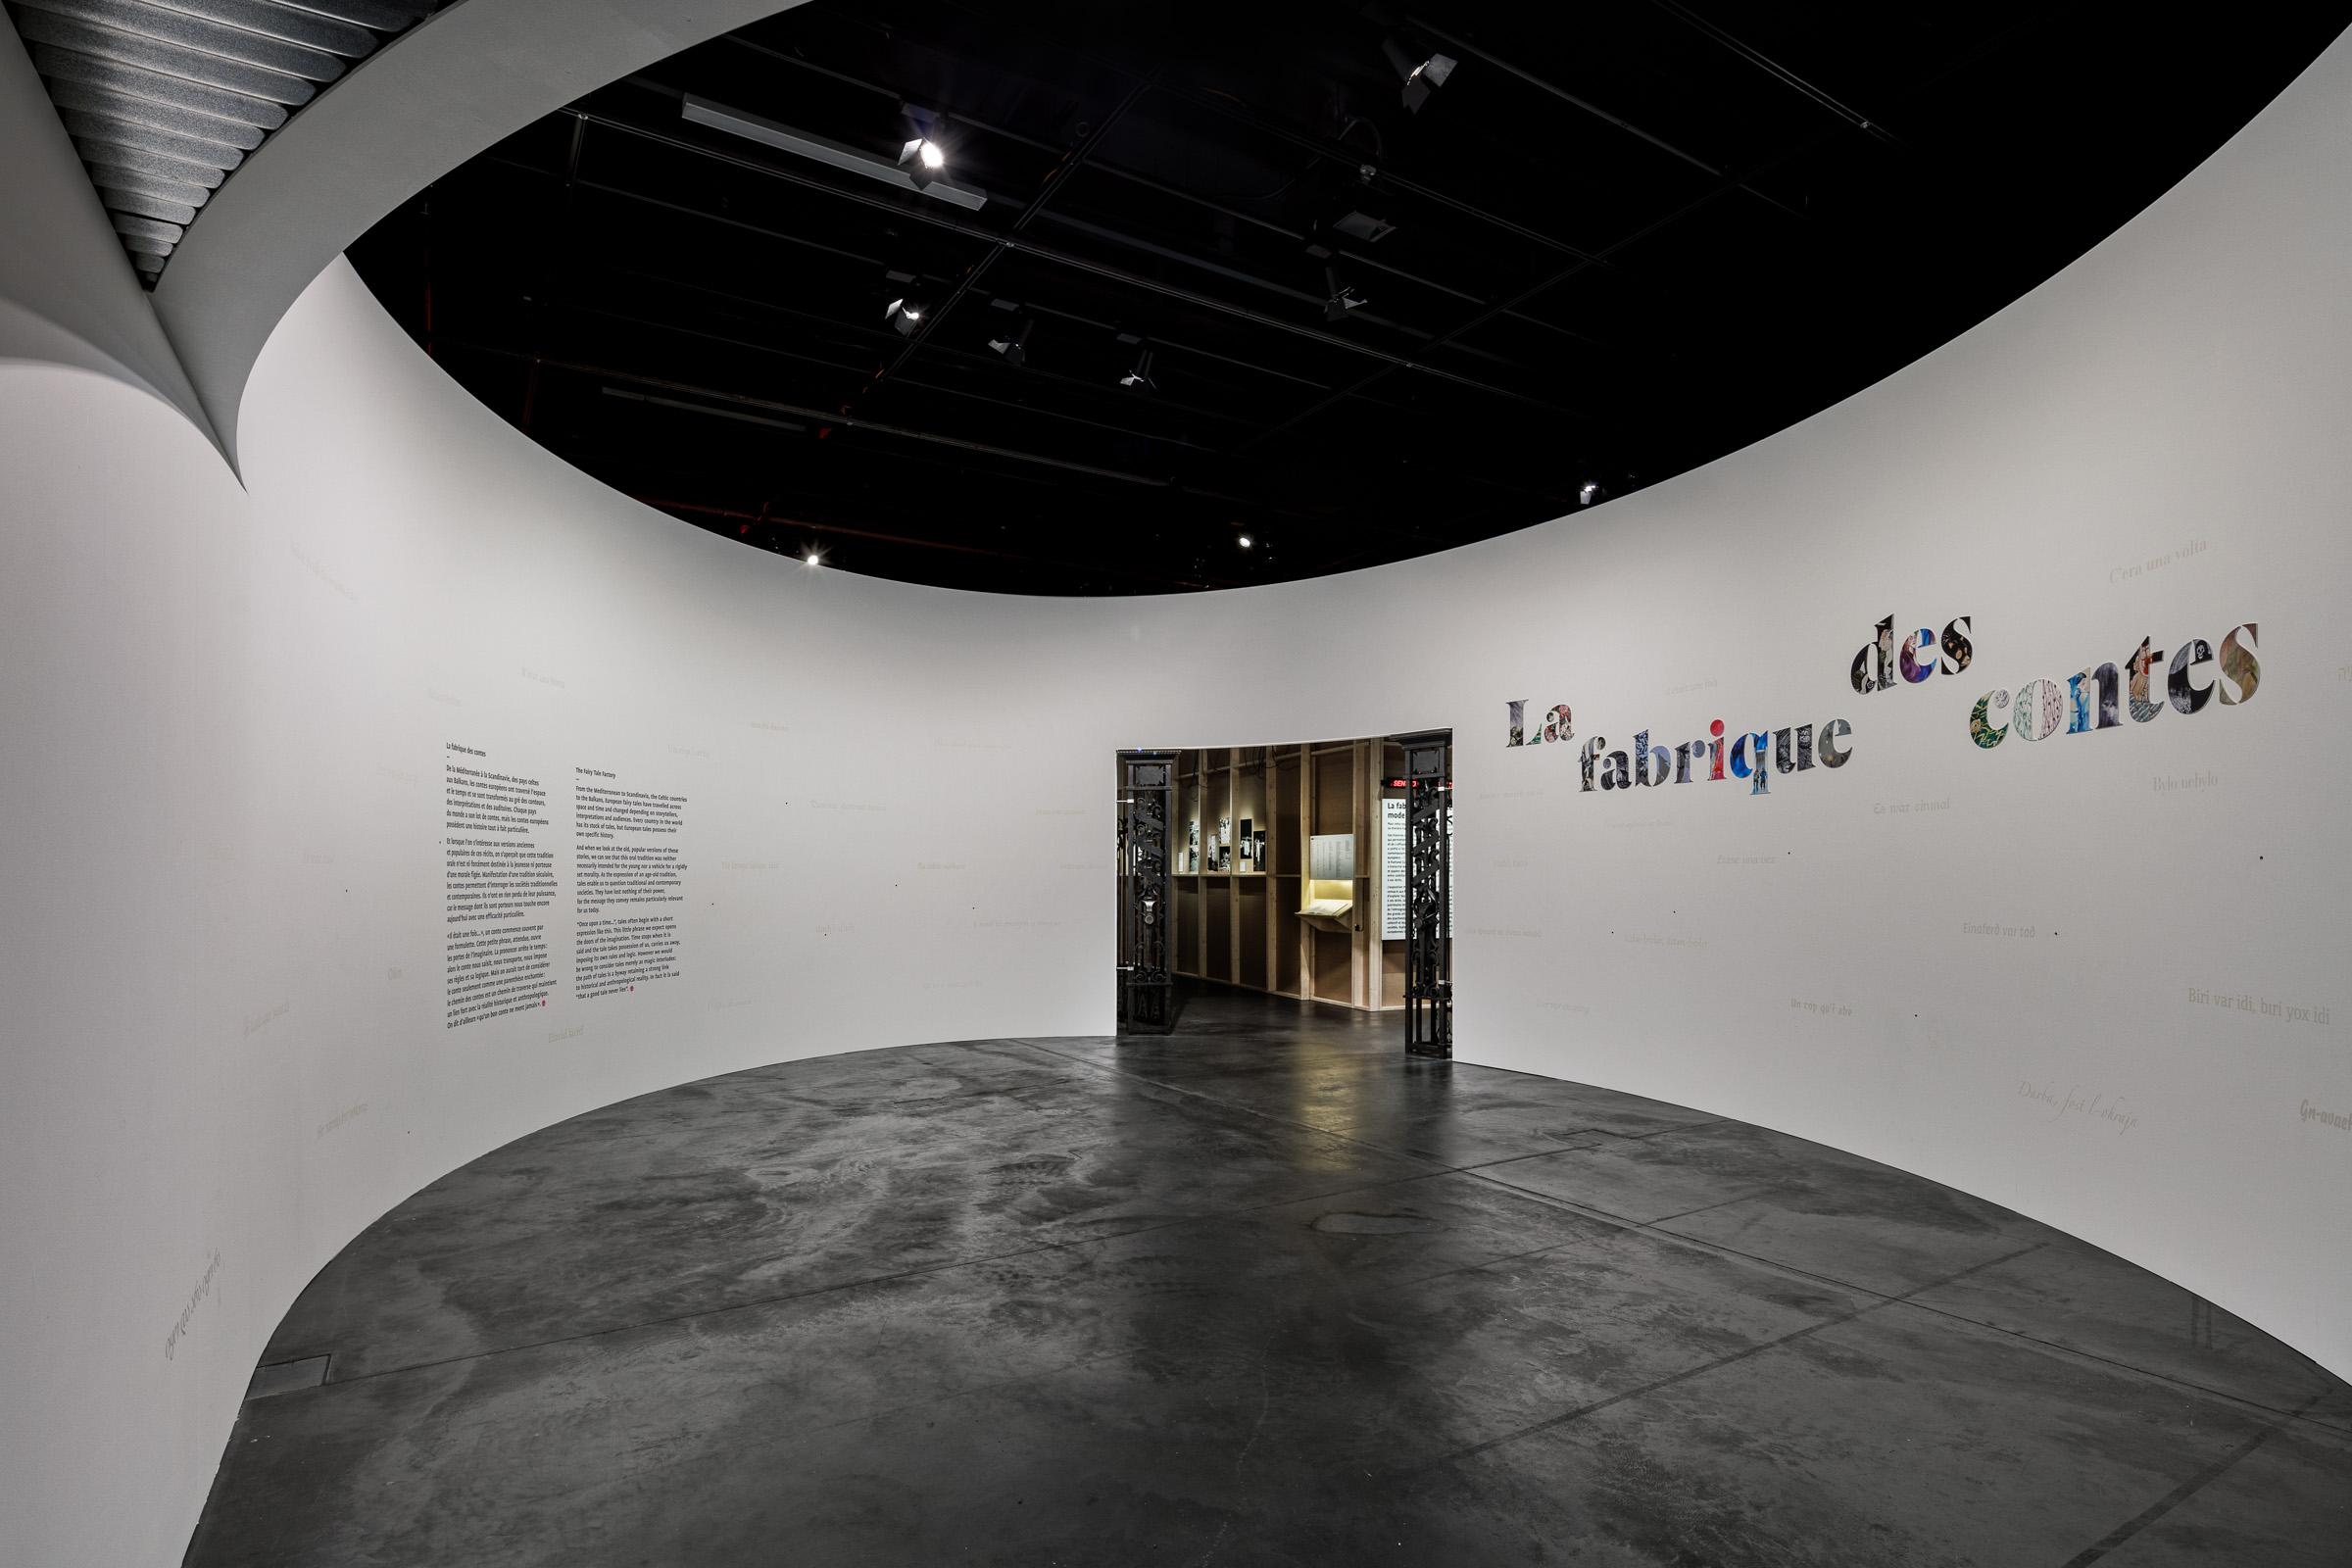 """""""LA FABRIQUE DE CONTES"""" AUSSTELLUNG    KLIENT:   EXPOMOBILIA AG, EFFRETIKON / MCH GROUP AG, ZÜRICH   LOCATION:   MUSEE D'ETHONGRAPHIE DE GENEVE, GENF"""